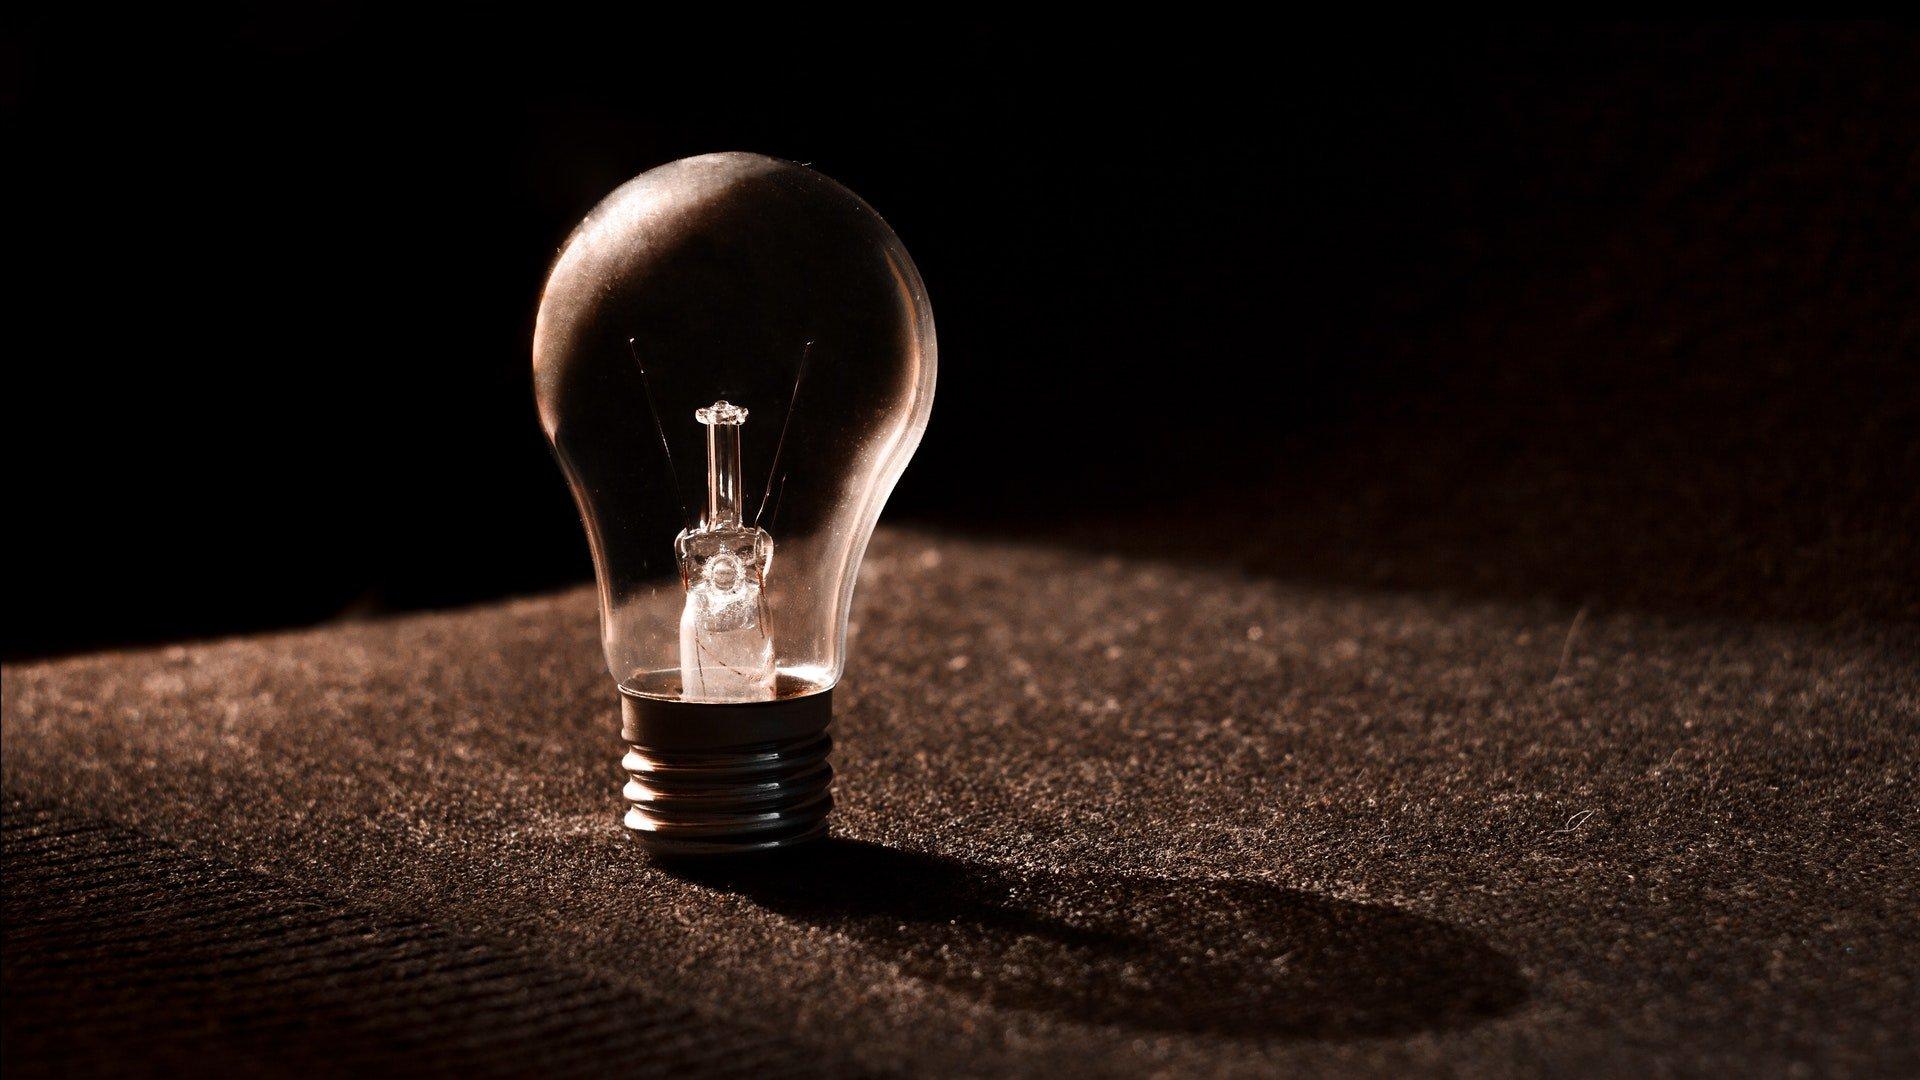 Das IoT – große Ambitionen, schleppende Umsetzung: Woran liegt es? – Teil 2